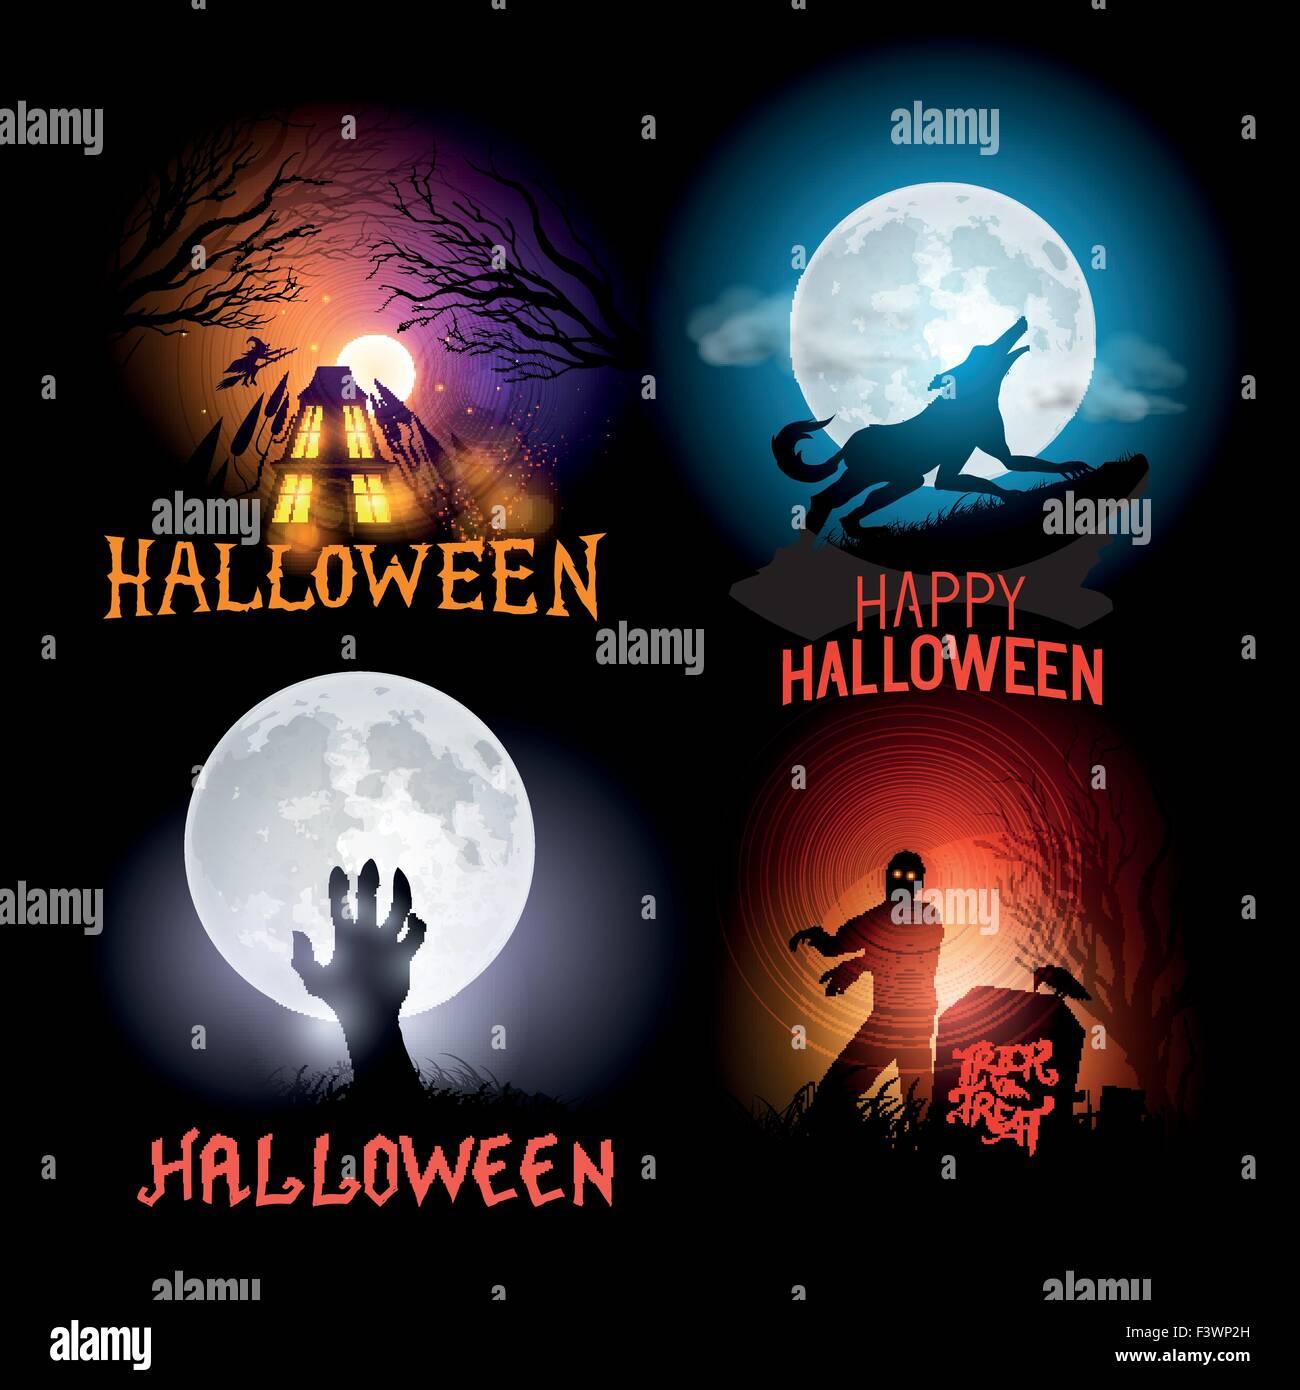 Vecteur Halloween Origines. Des scènes comprises une maison hantée, un loup-garou et les zombies. Vector Photo Stock